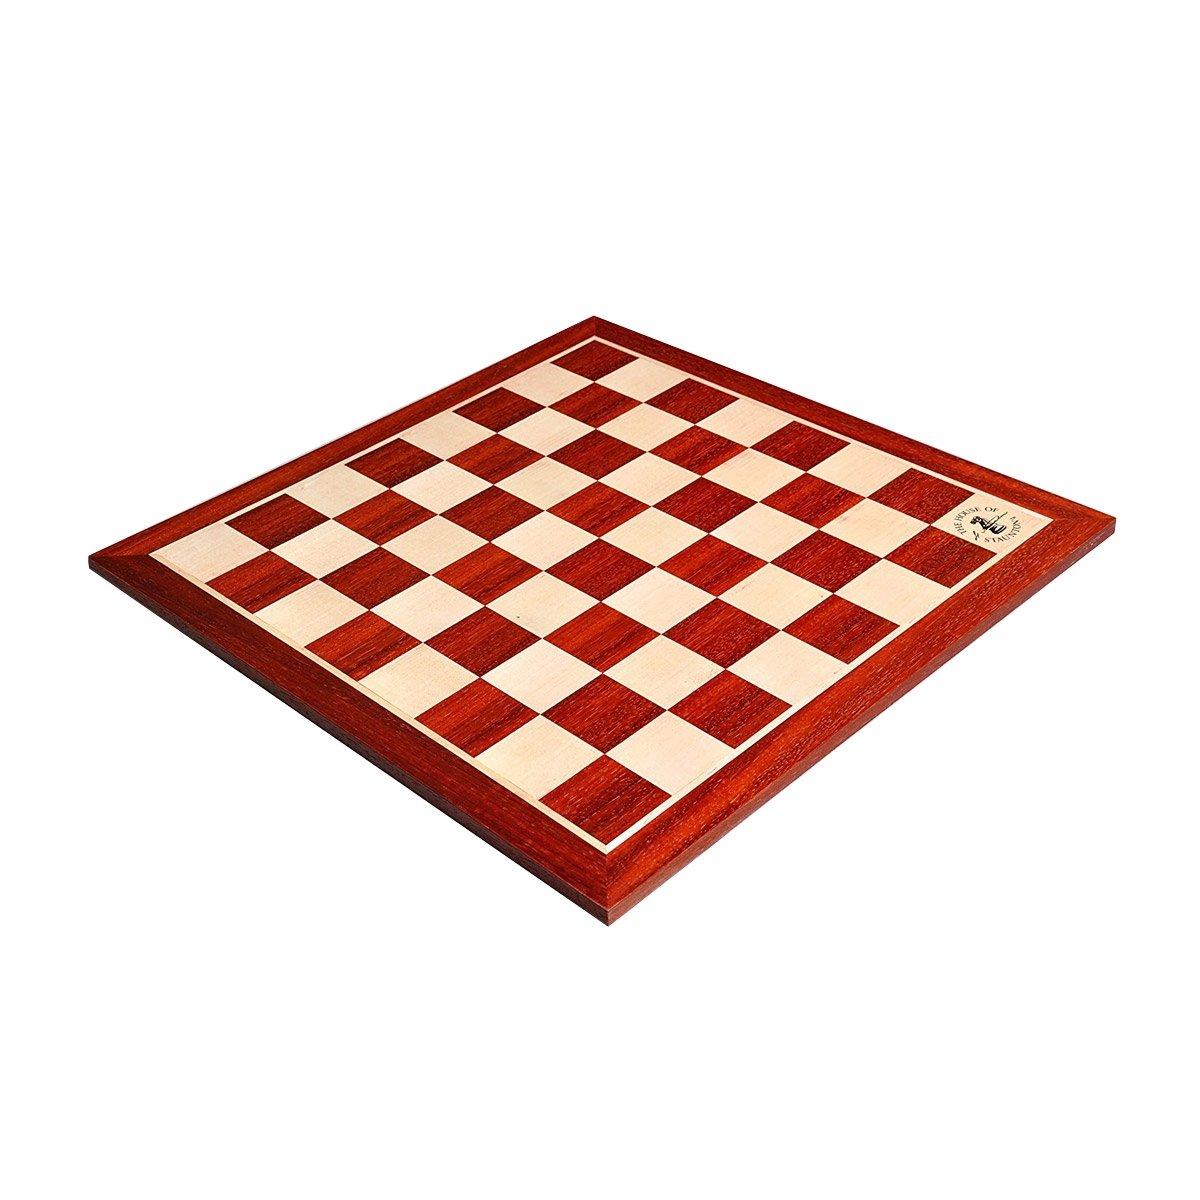 低価格の Padauk Maple & Maple Wooden The Chess Wooden Board - 2.25